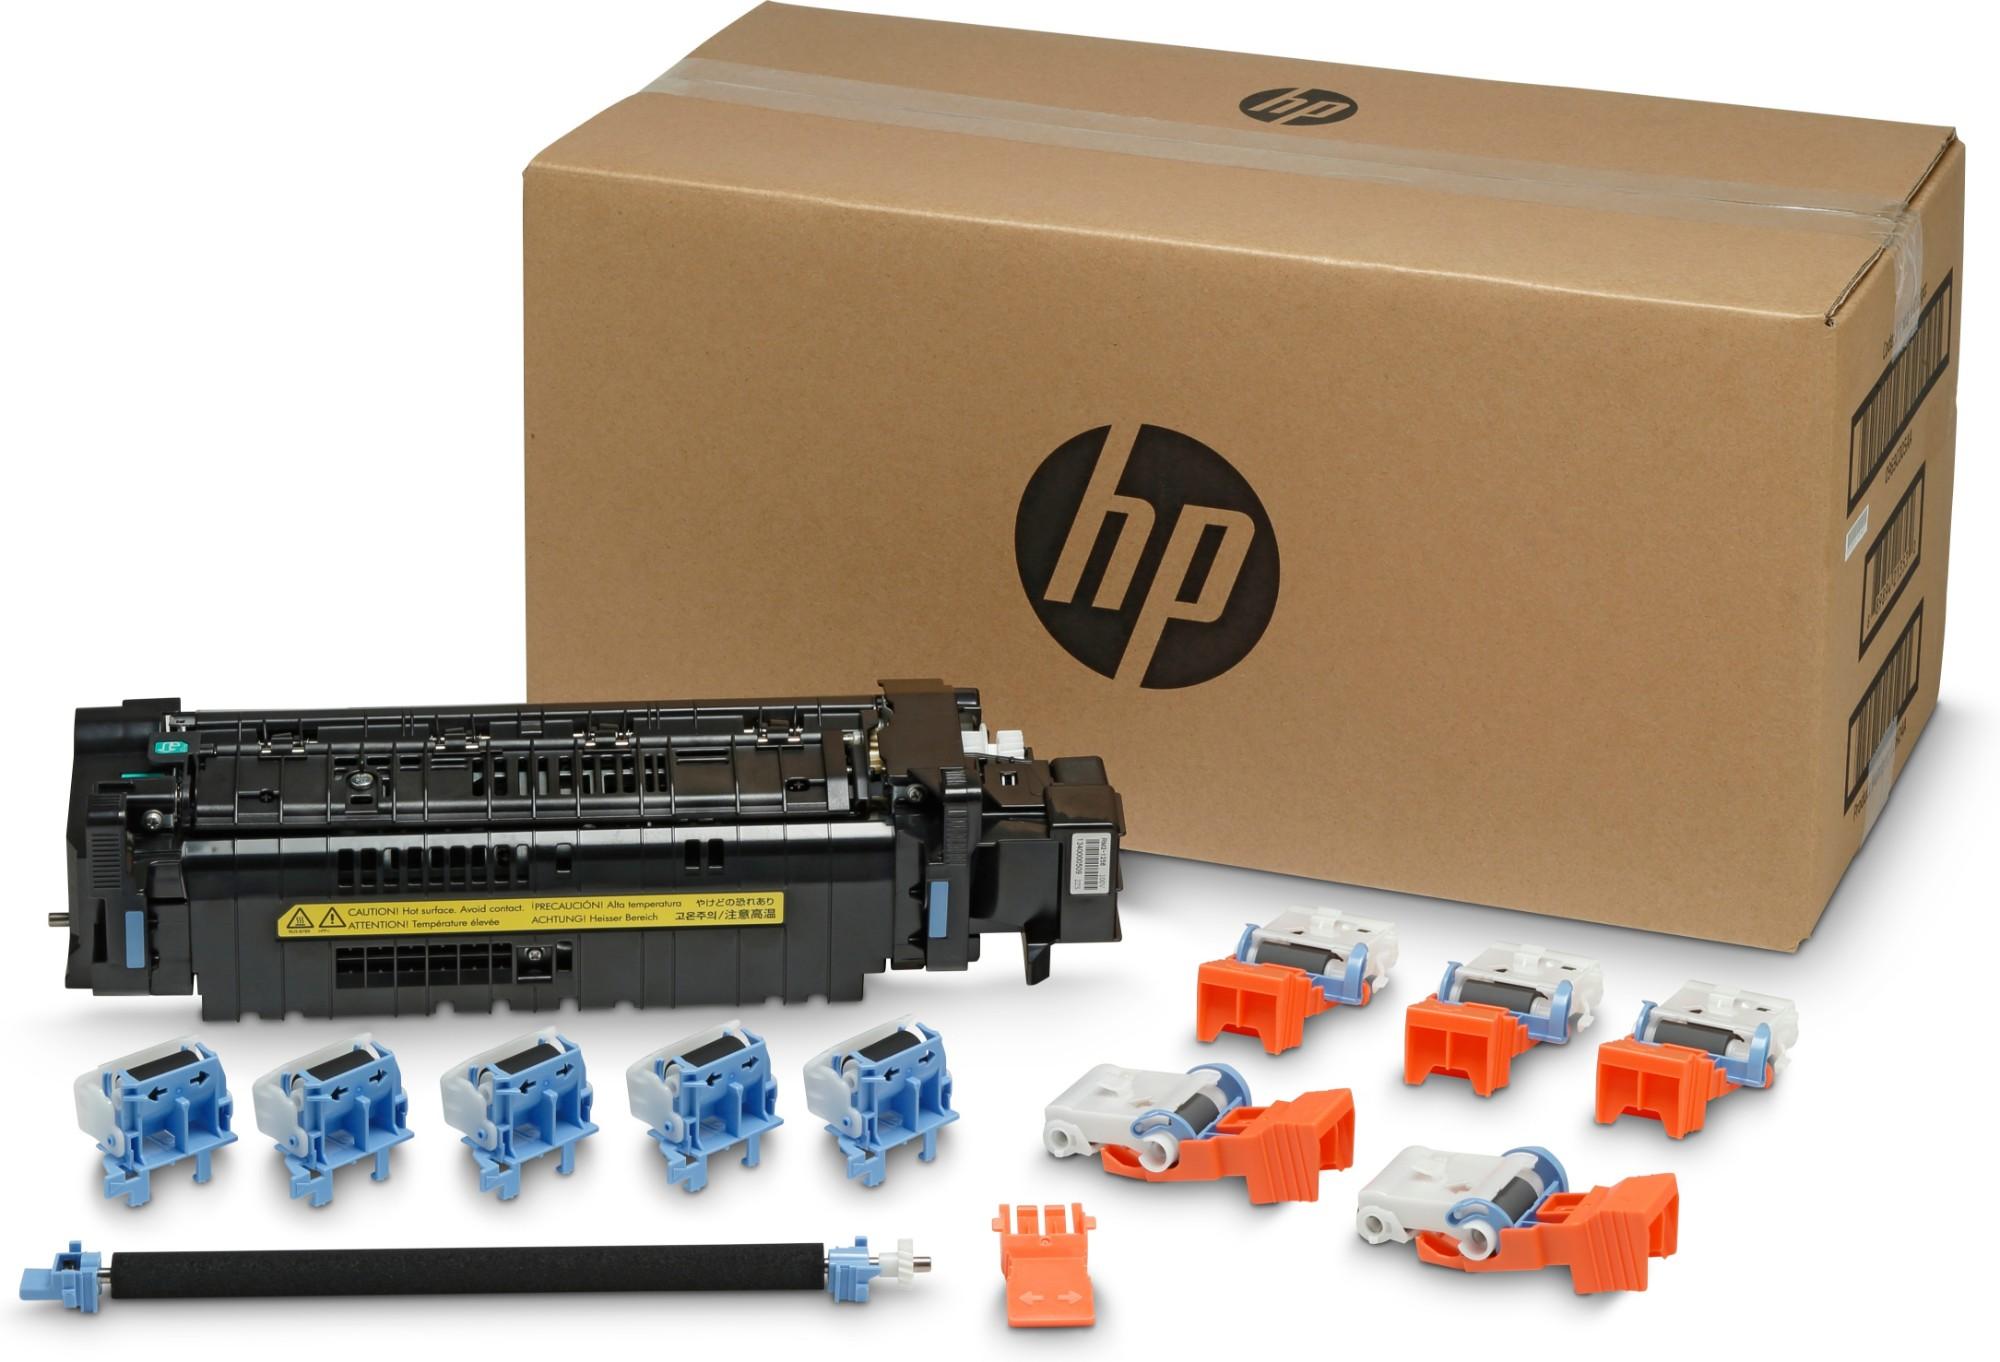 HP L0H25A Service-Kit, 225K pages